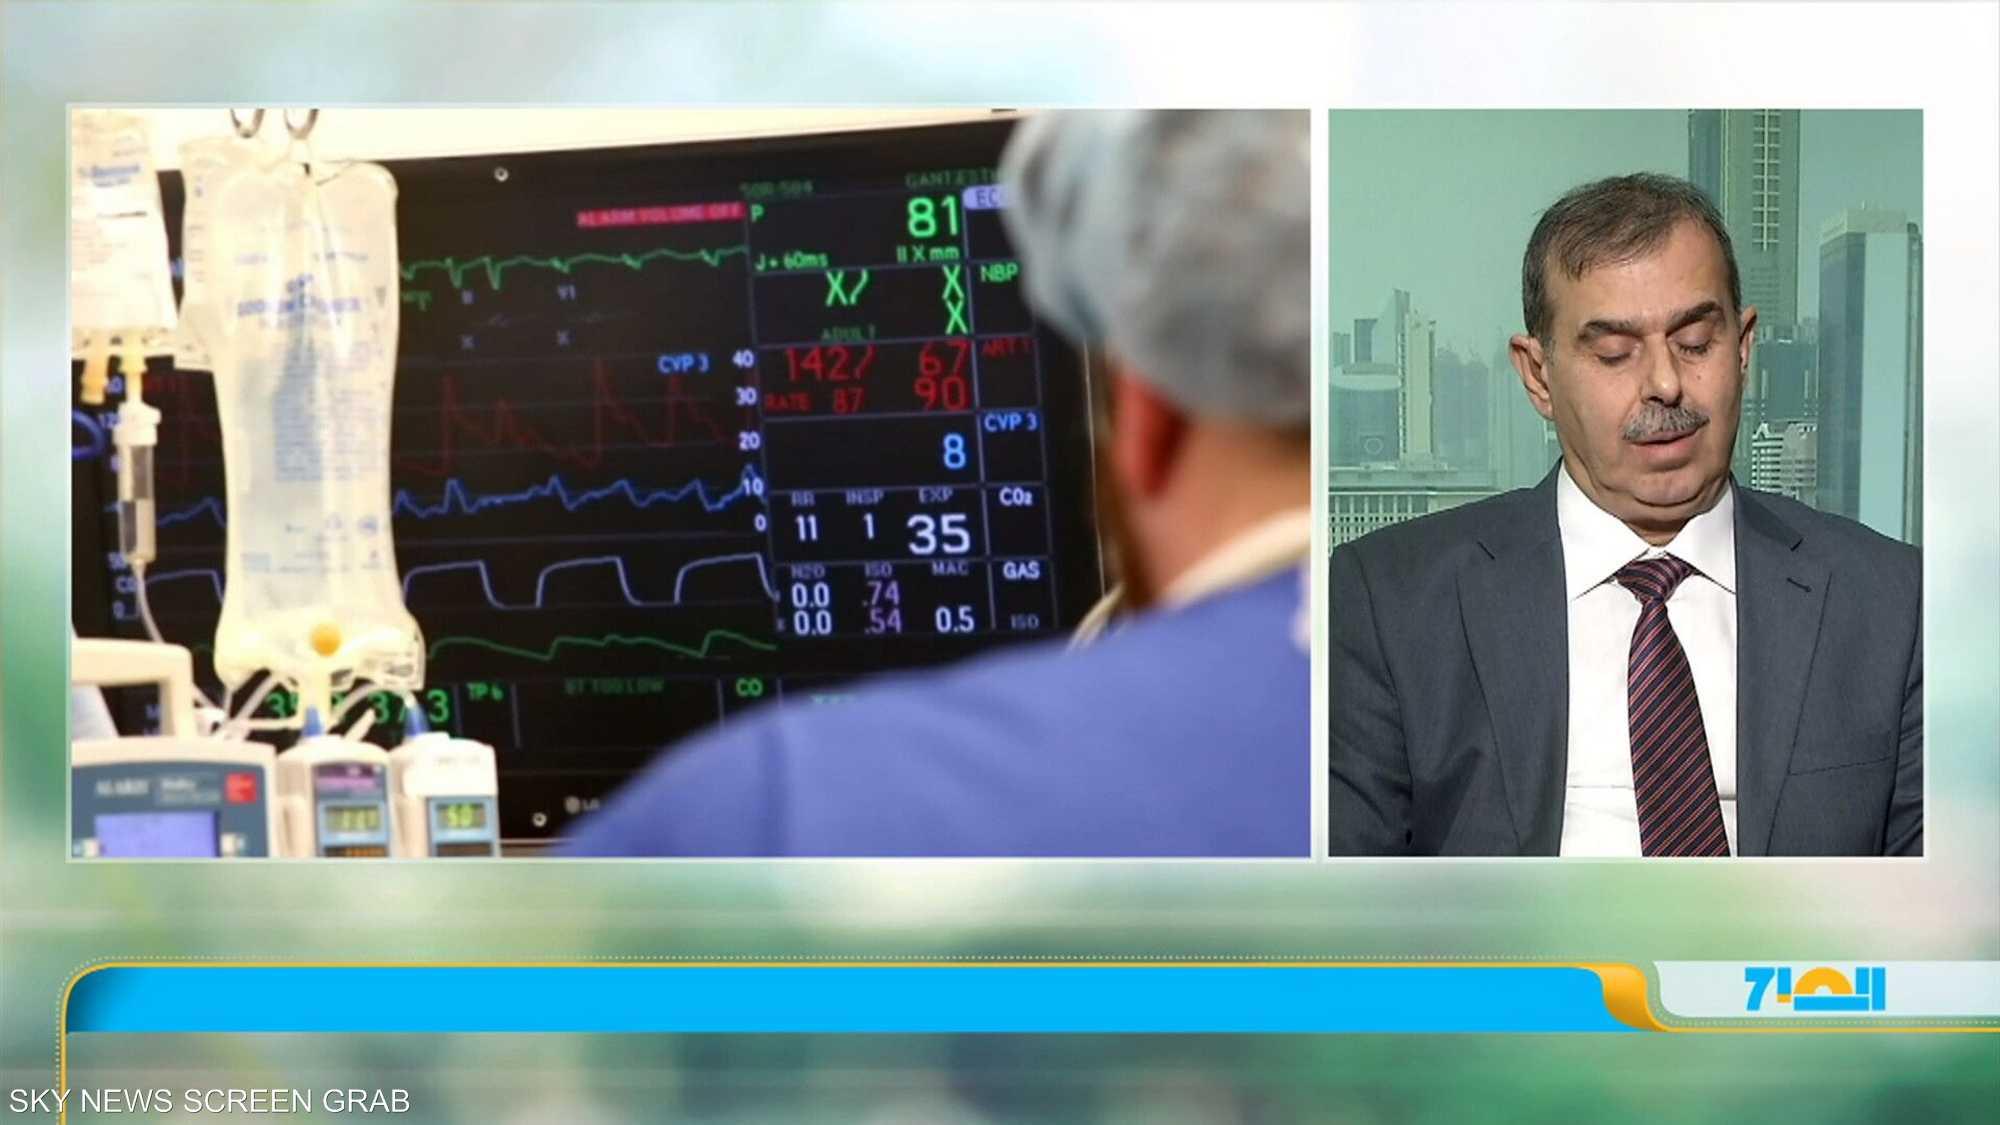 دراسة: أمراض القلب مرتبطة بالتغيرات درجات الحرارة